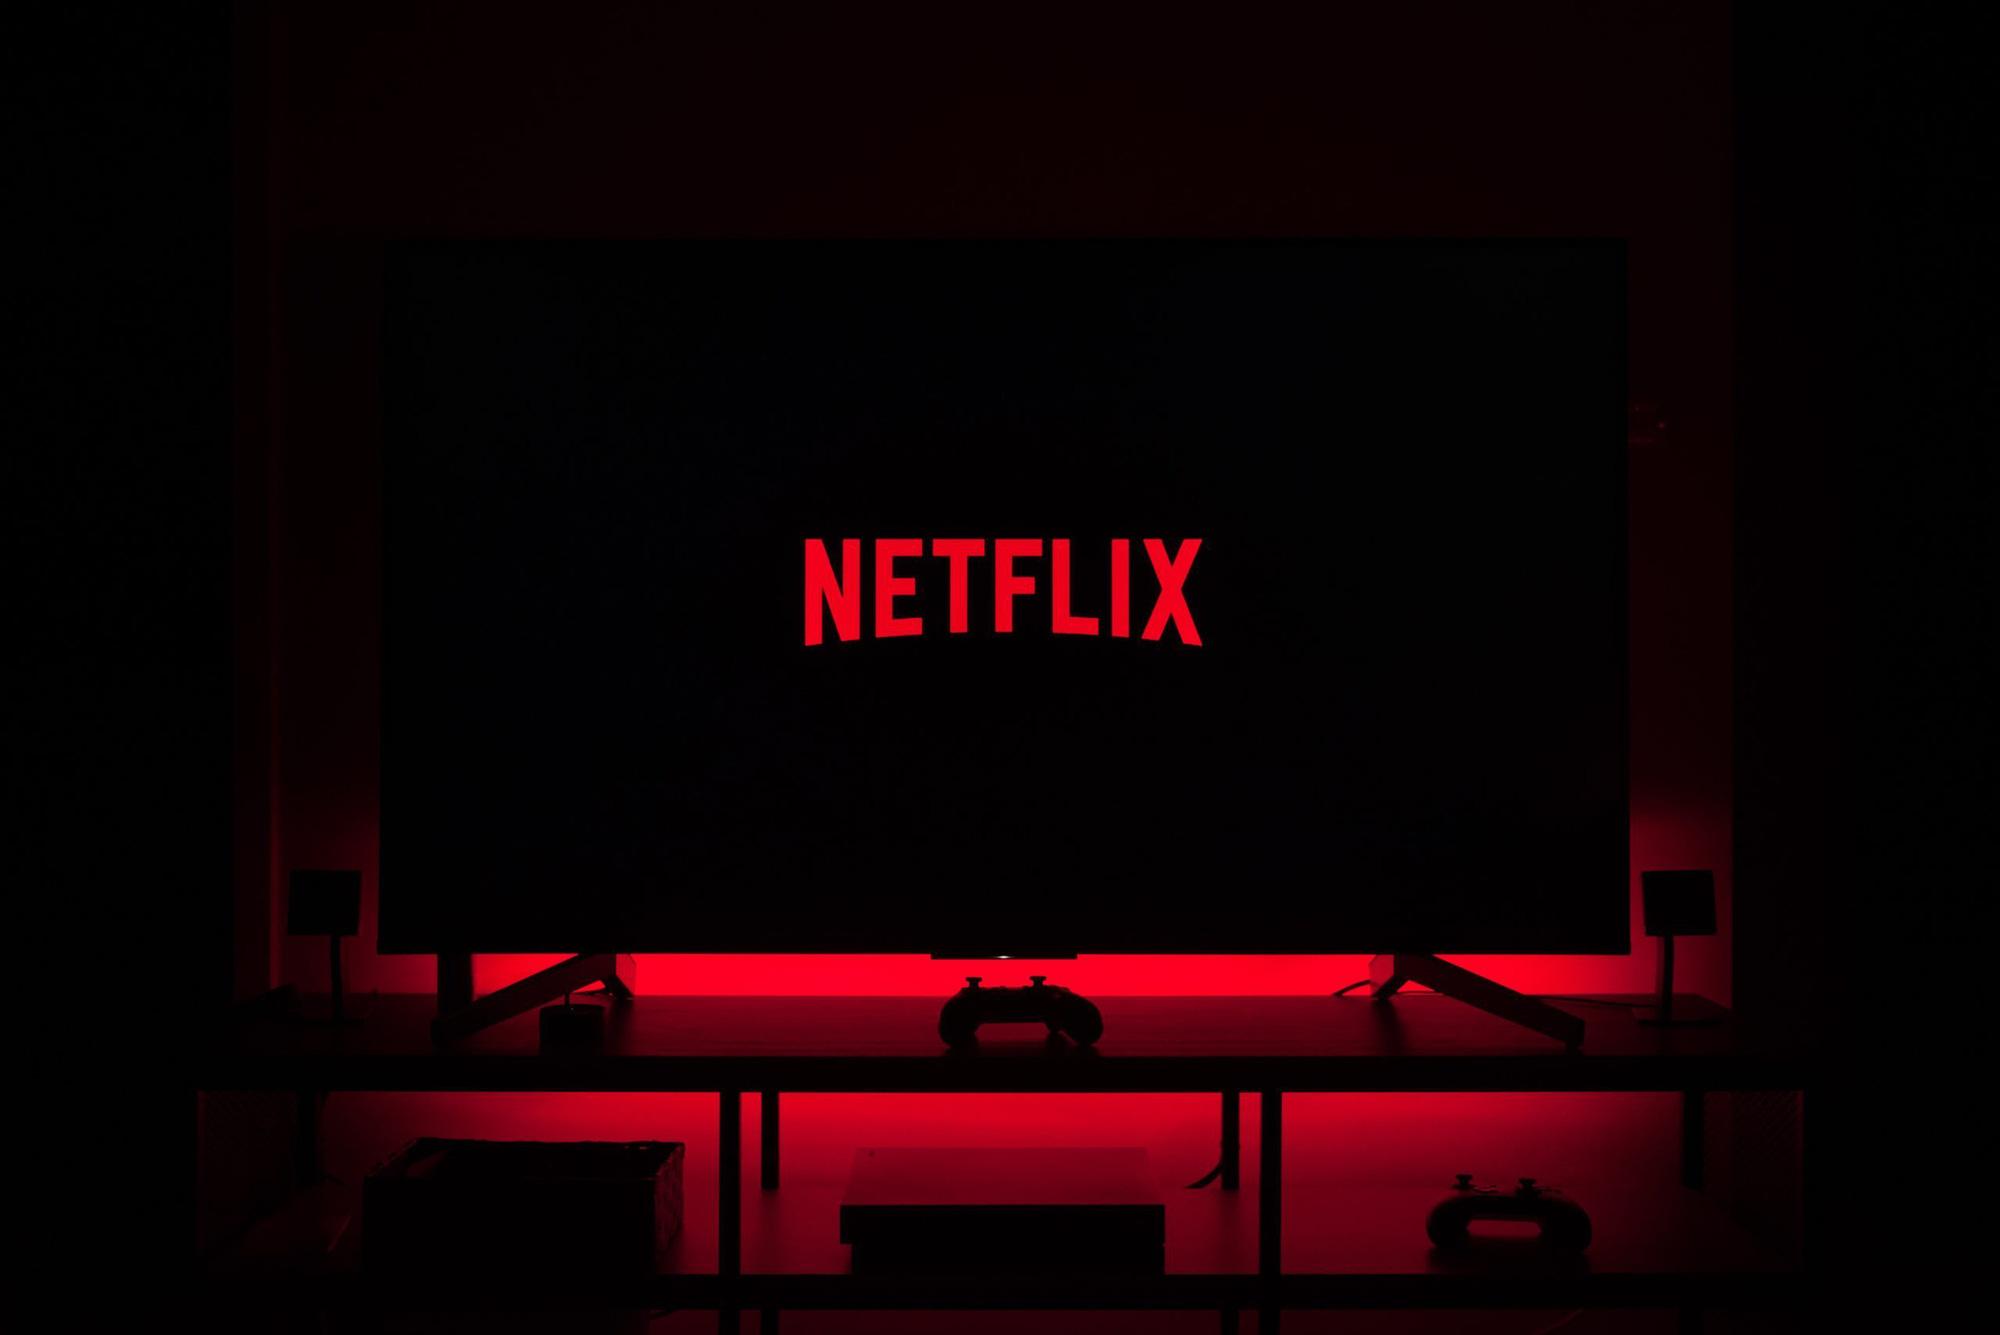 Netflix chưa có kế hoạch mở văn phòng tại Việt Nam  - Ảnh 1.